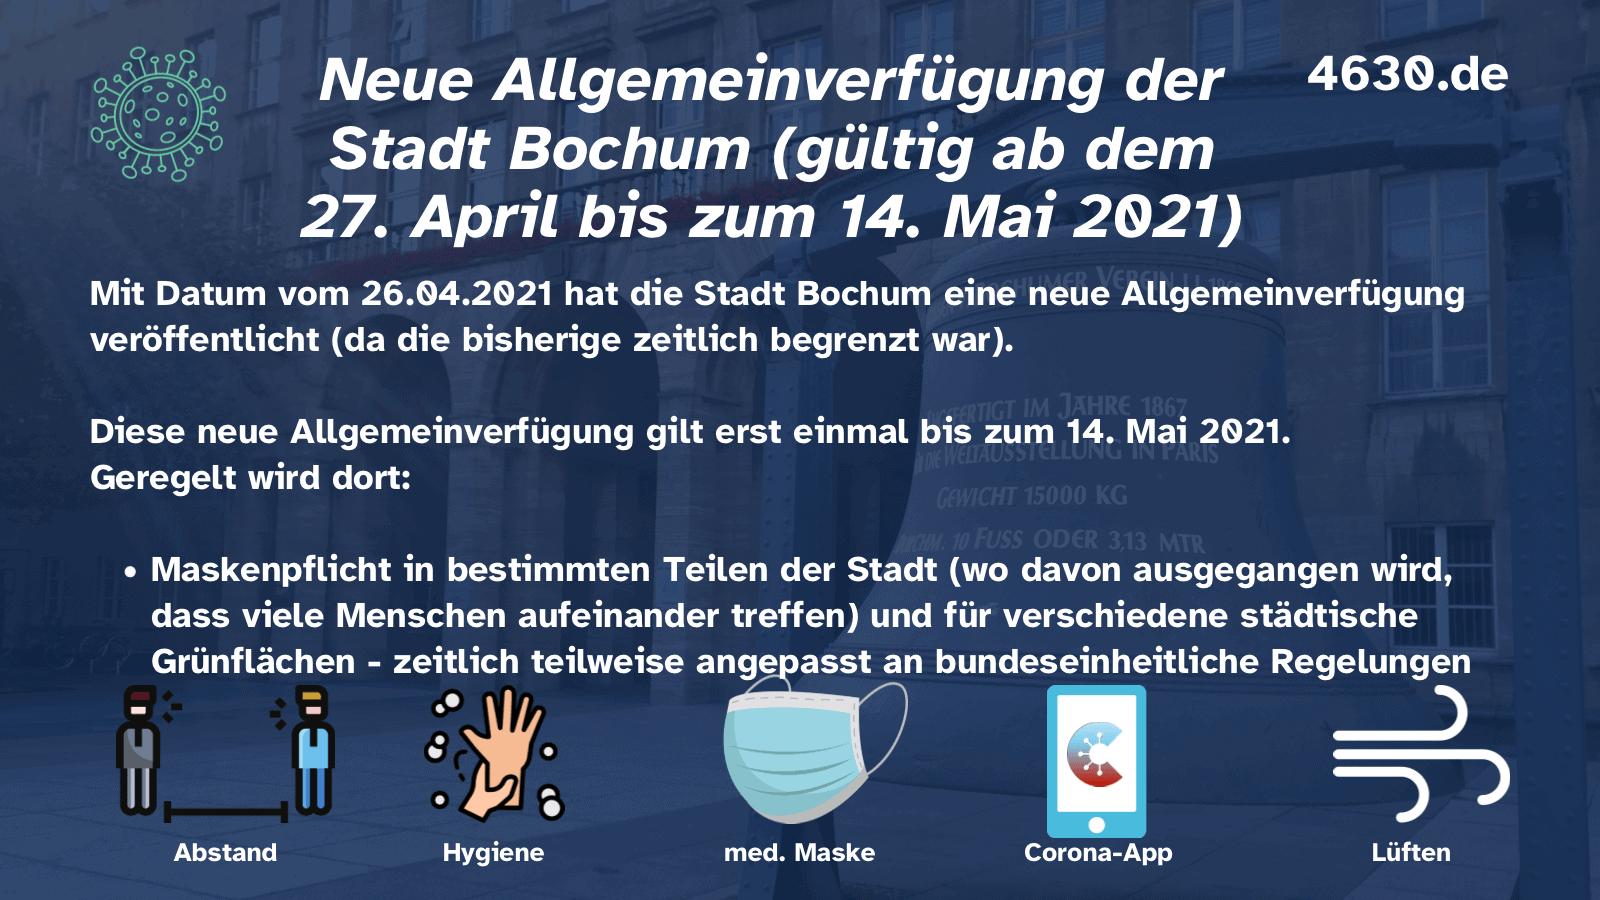 Neue Allgemeinverfügung der Stadt Bochum (gültig ab dem 27. April bis zum 14. Mai 2021)